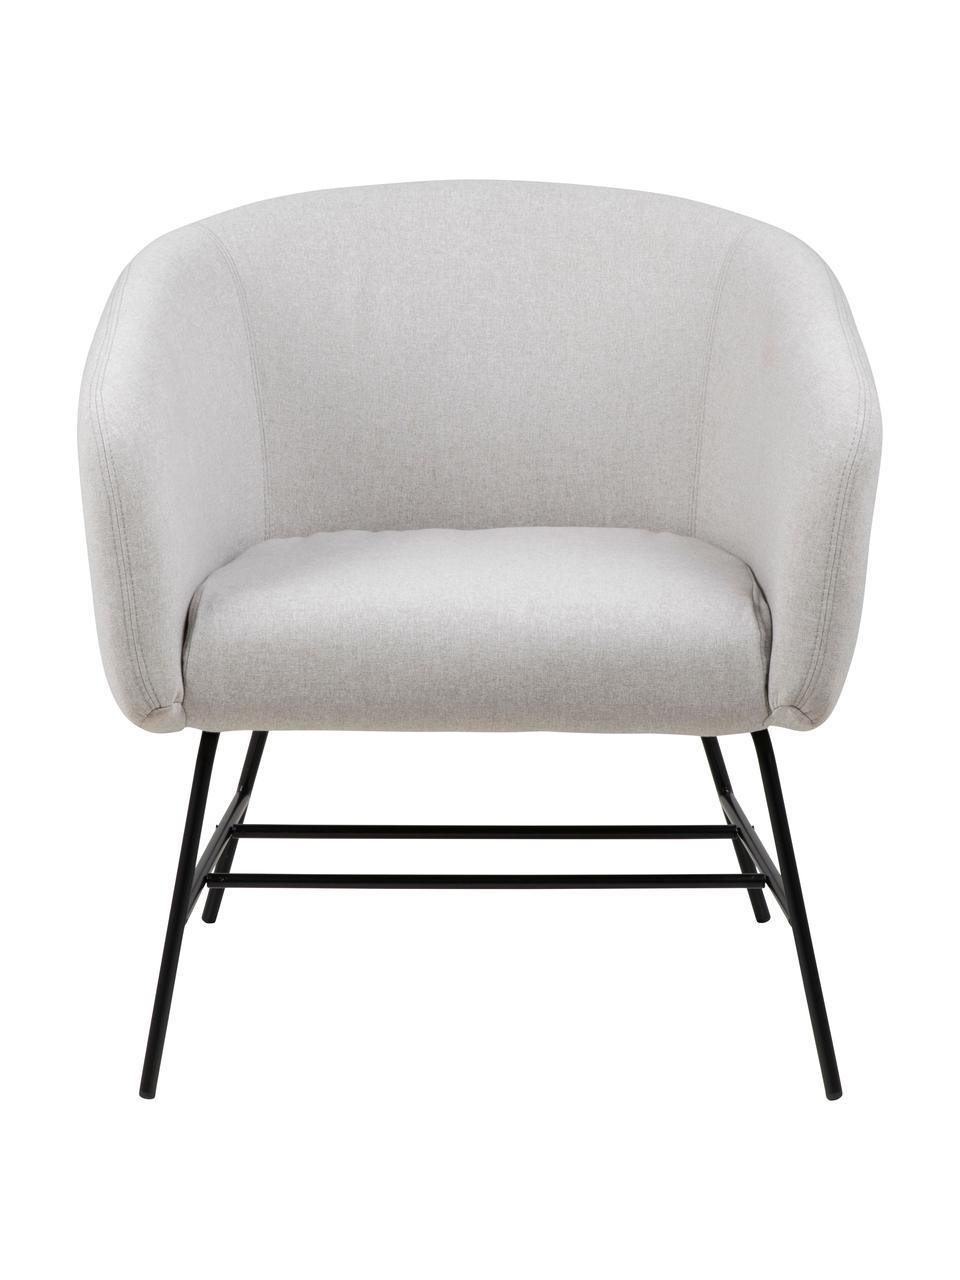 Fotel koktajlowy Ramsey, Tapicerka: poliester Dzięki tkaninie, Nogi: metal lakierowany, Jasny szary, S 72 x G 67 cm